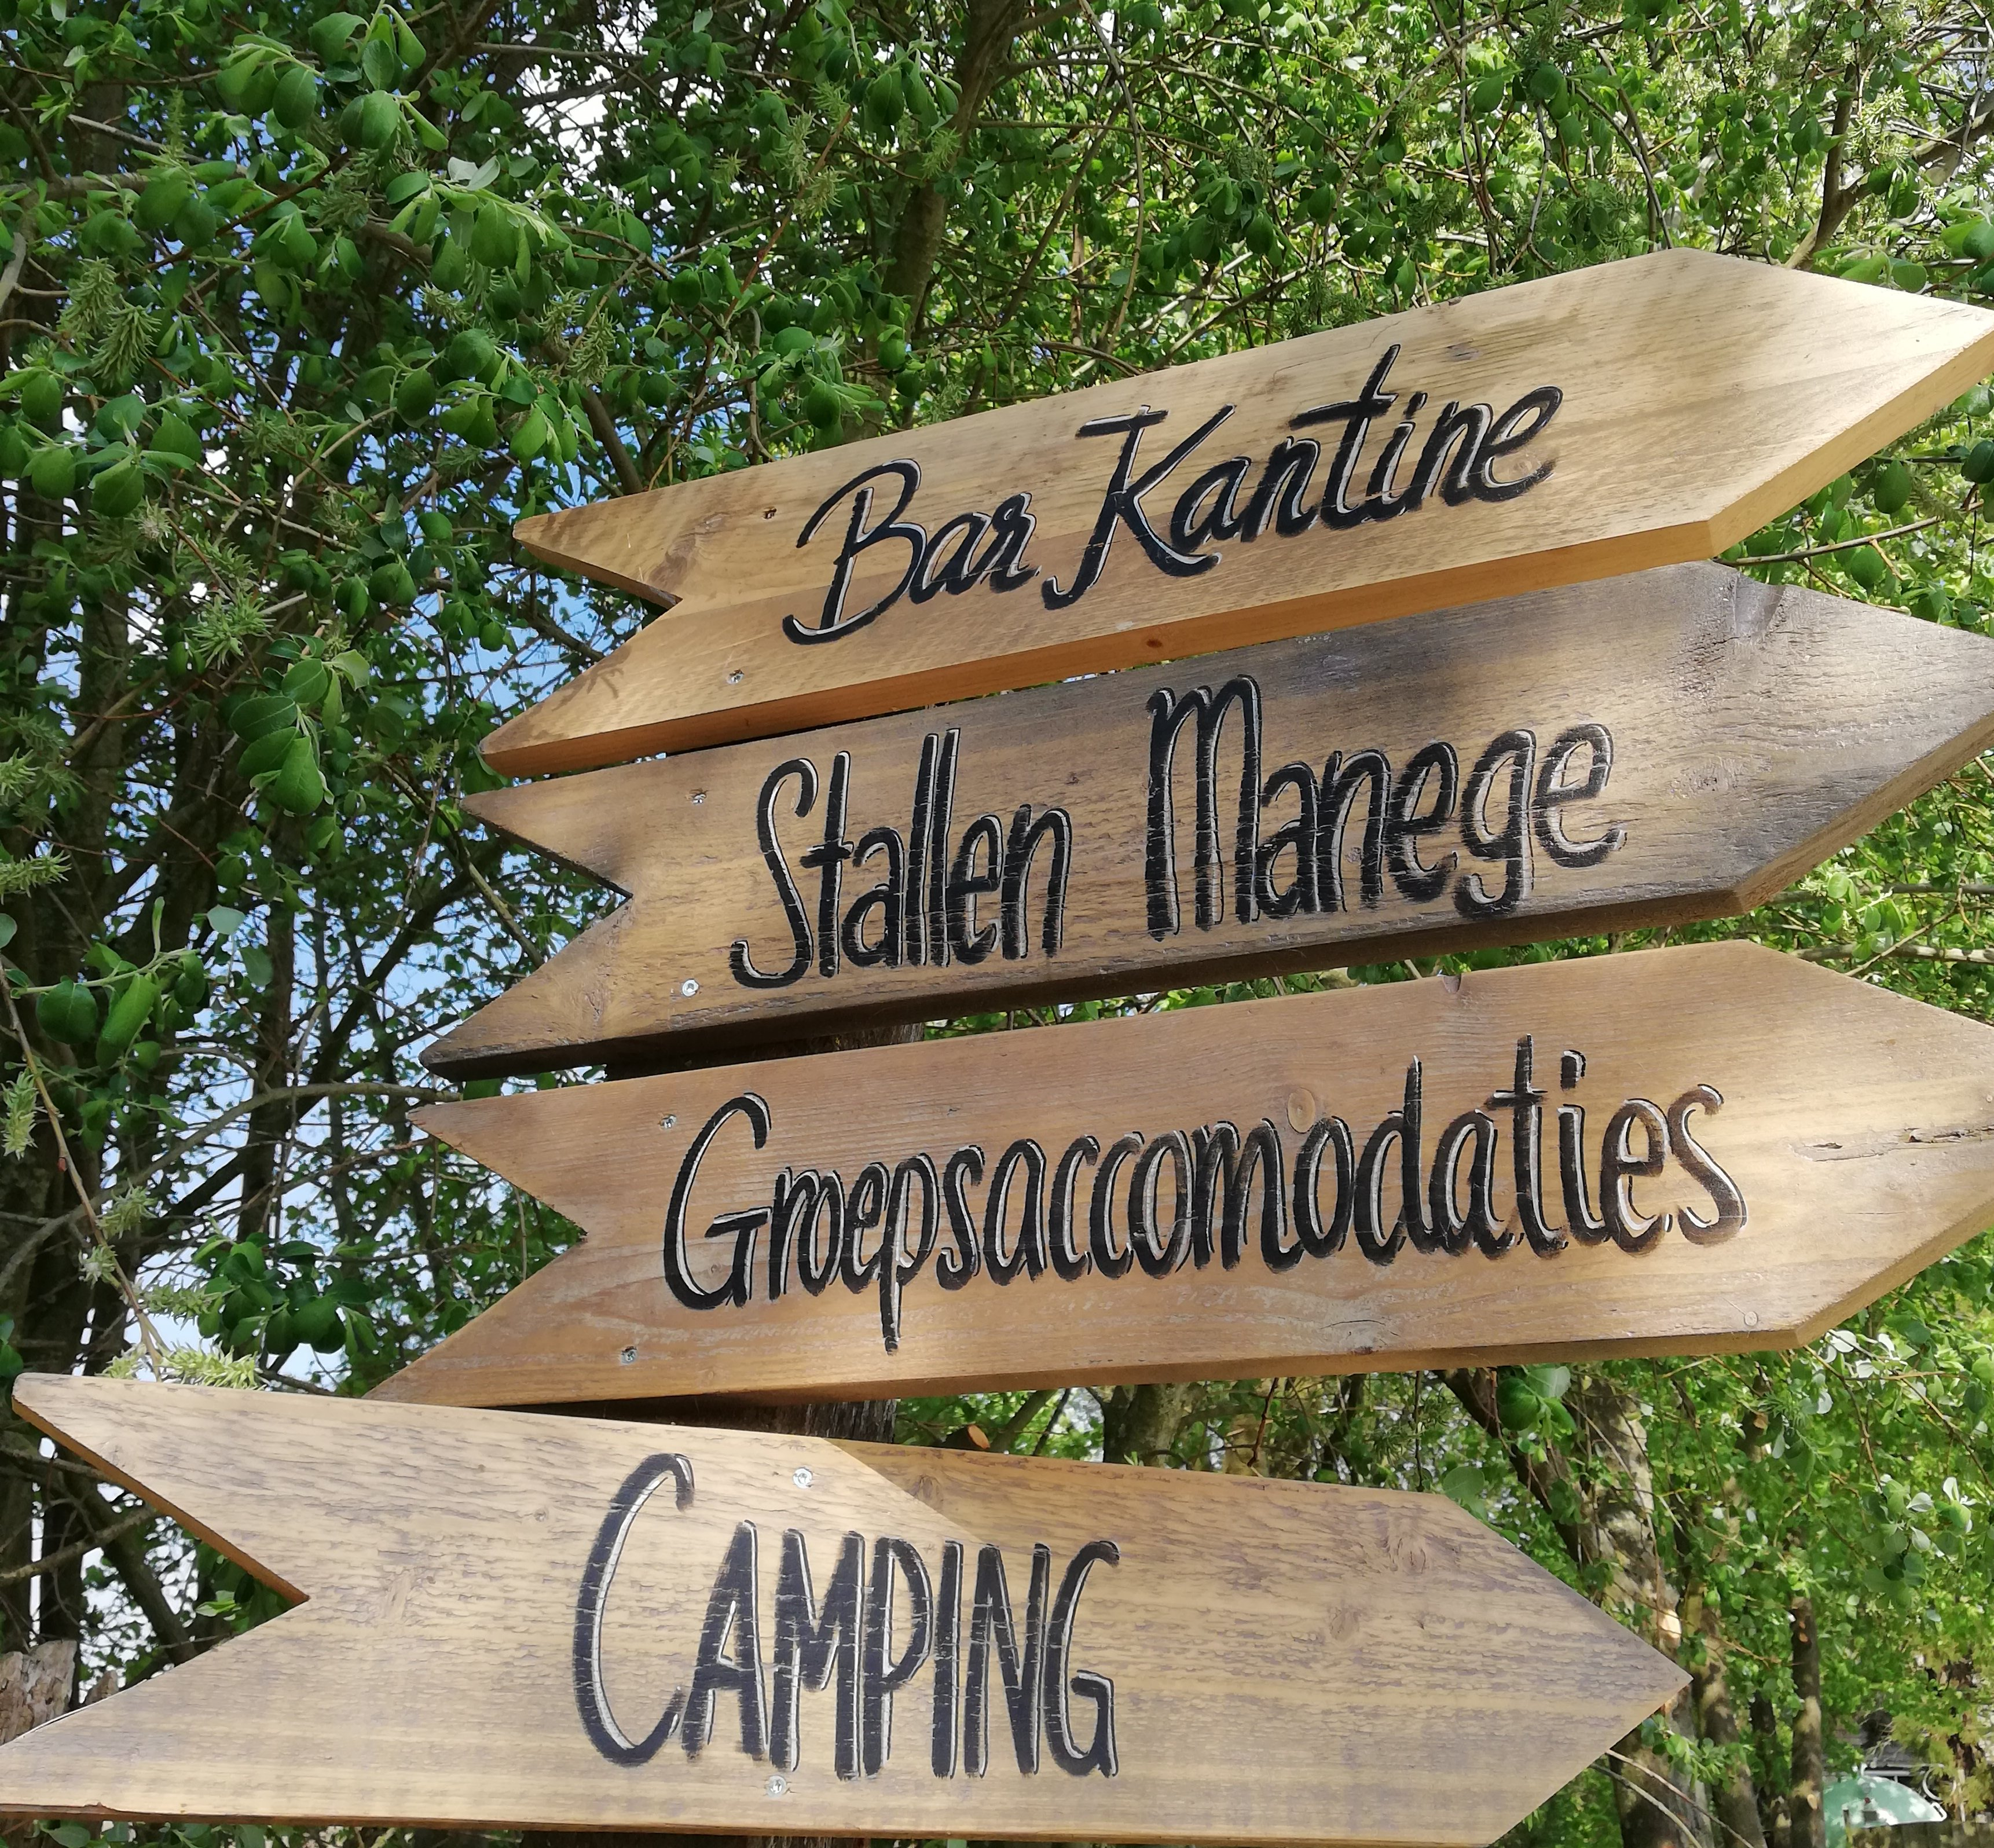 20180505-Bar-Lounge-Stallen-Manege-Springtuin-Groepsaccommodaties-Camping-Het-Zwarte-Water